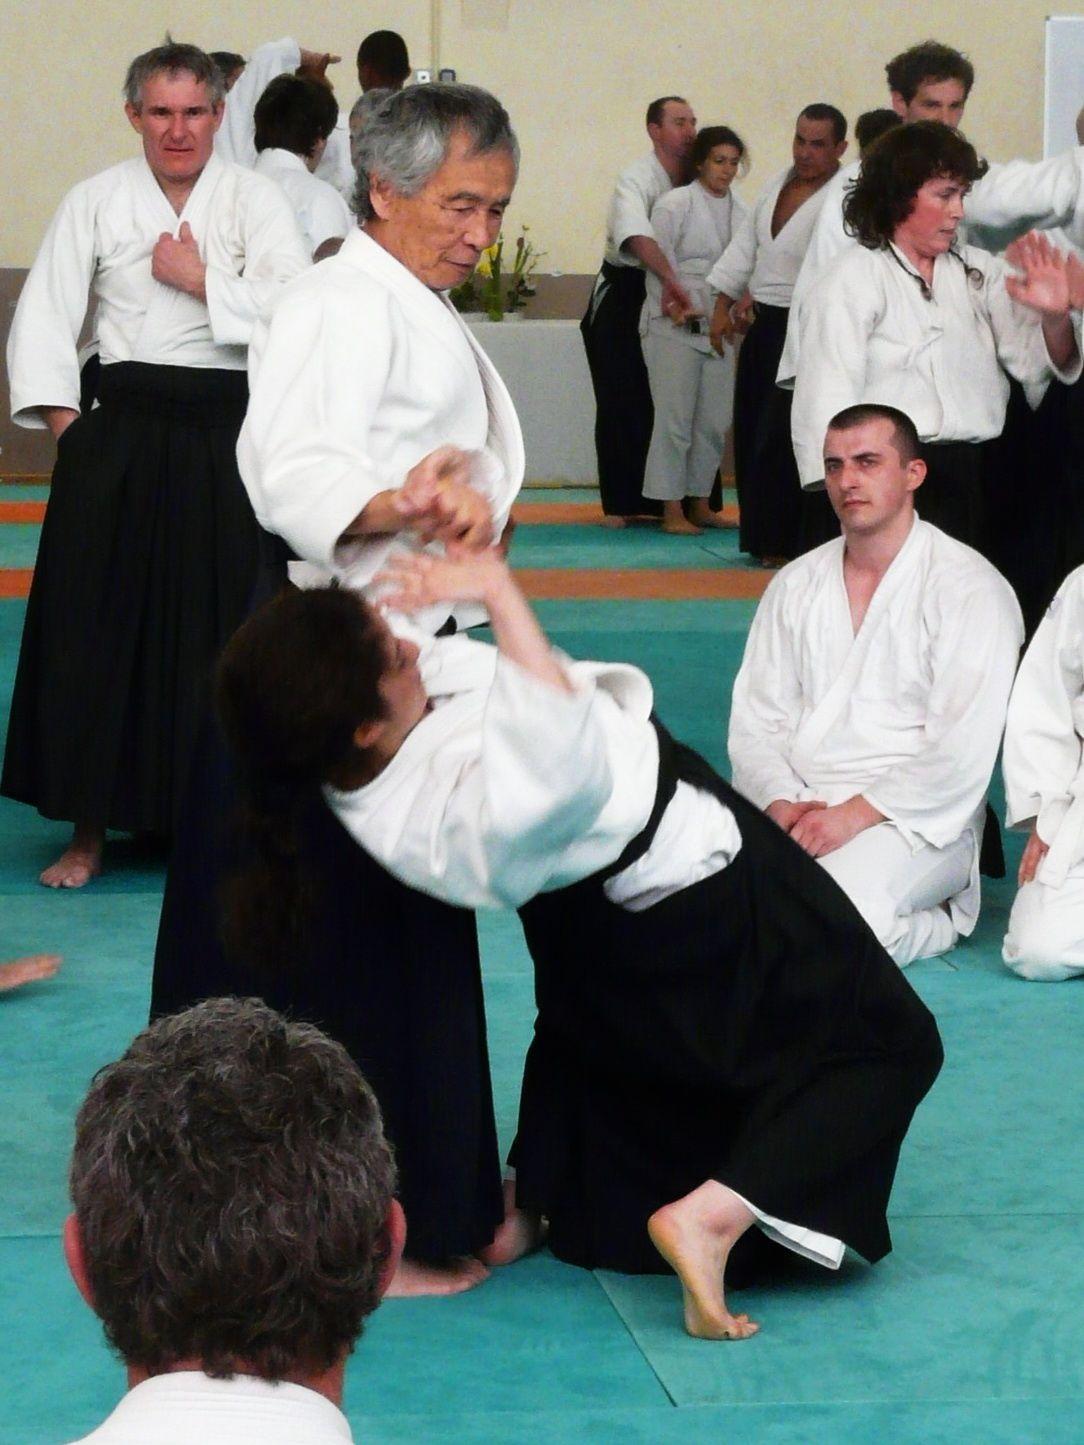 Myriam lors d'un entrainement sous la direction de Maître Tamura (source : Collection Privée de M.Boussaboua/traitement : Aïki-kohaï)